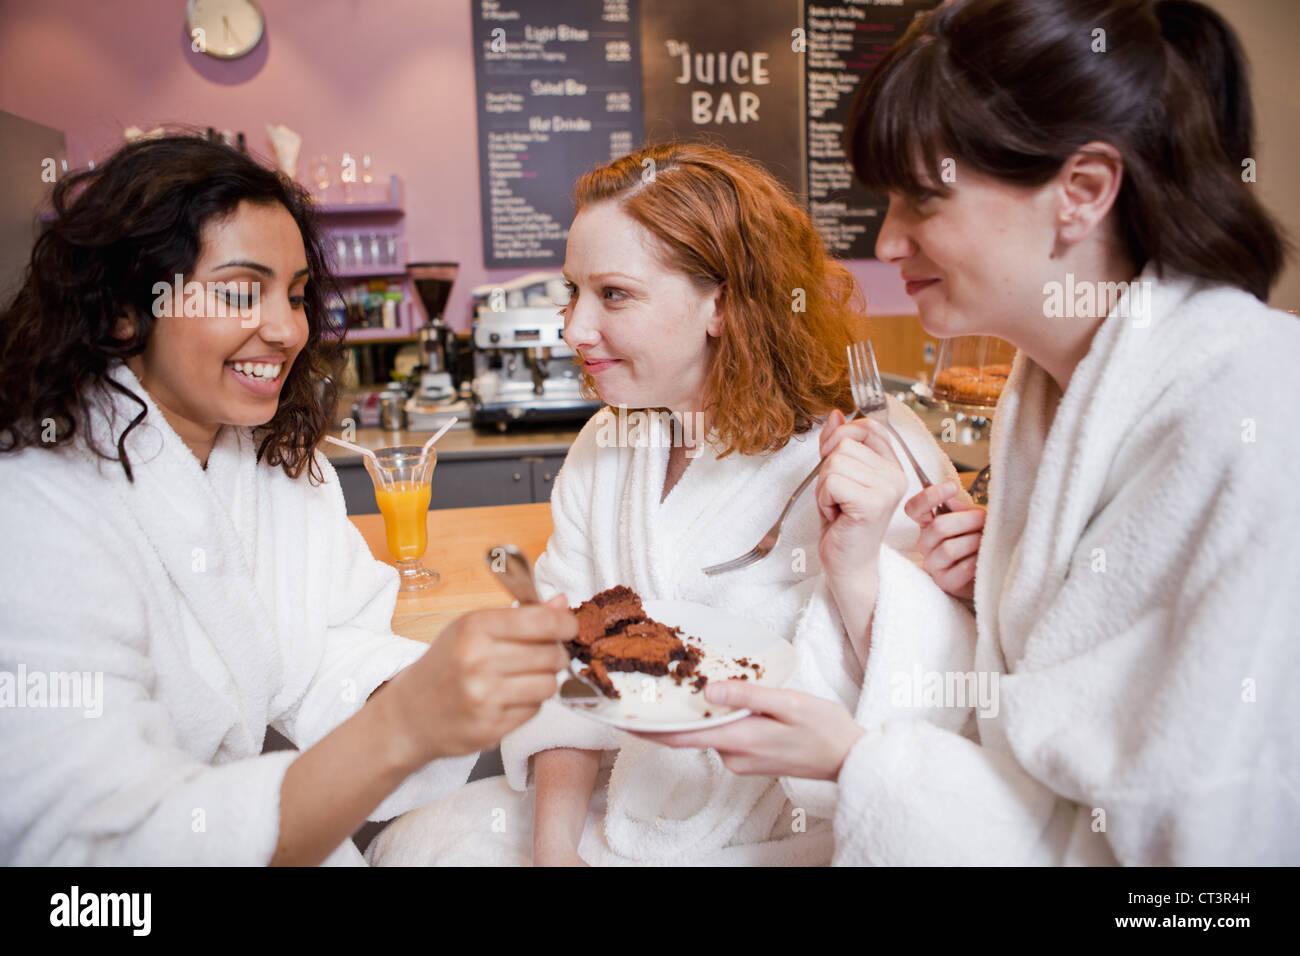 Women having cake in juice bar - Stock Image